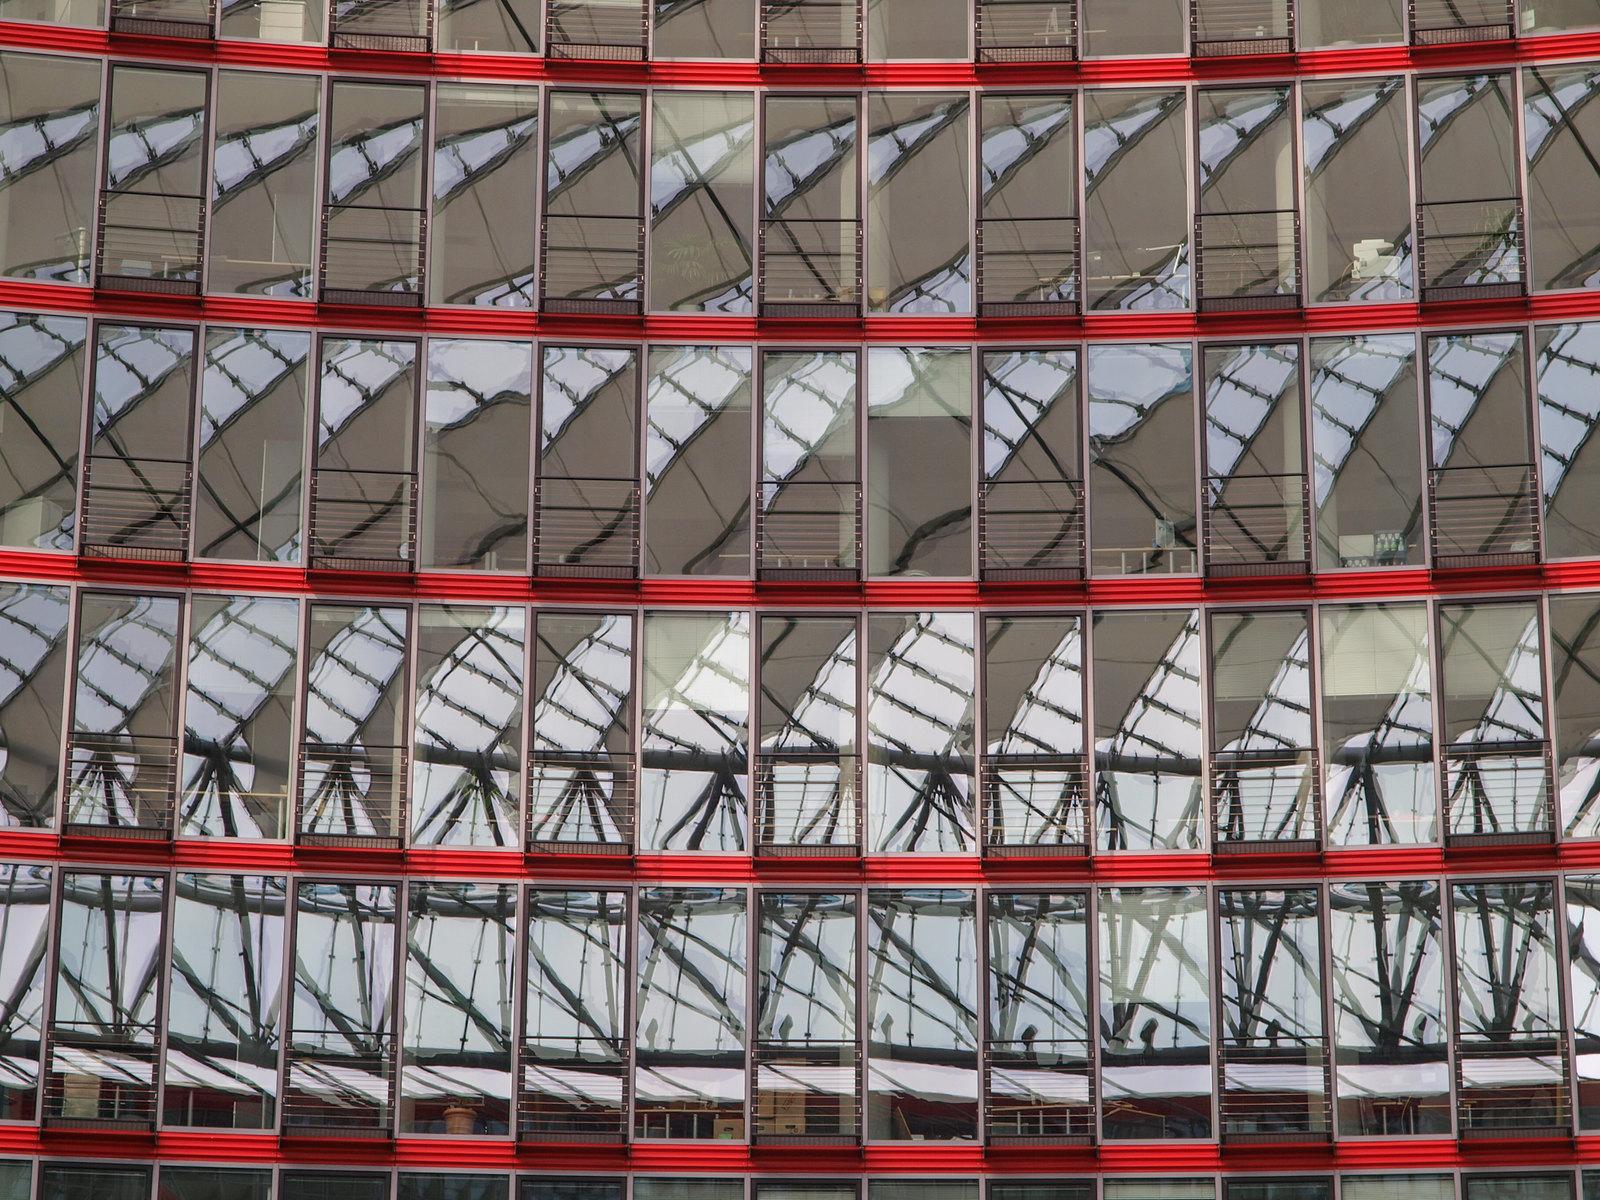 Architecture à Berlin - Le Sony Center d'Helmut Jahn, Potsdamer Platz